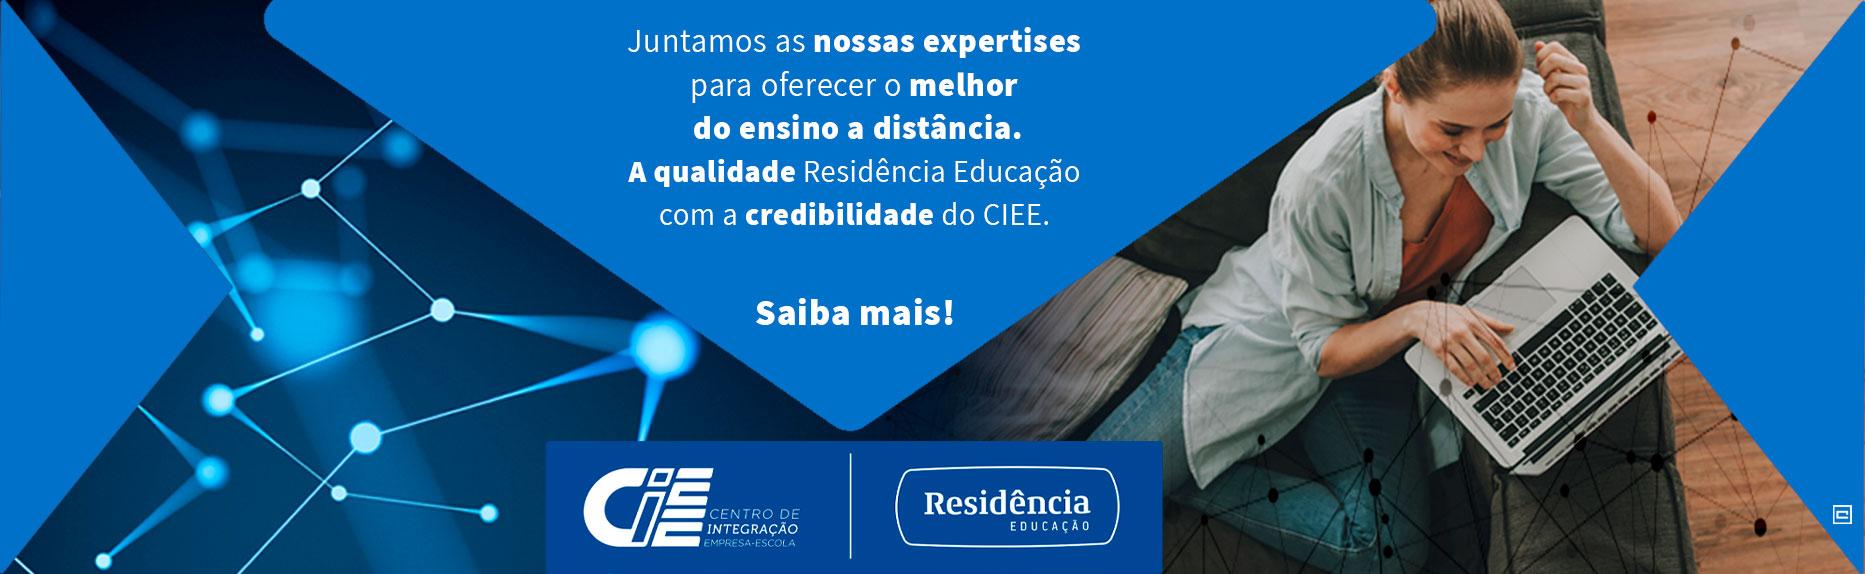 Juntamos as nossas expertises para oferecer o melhor do ensino a distância. A qualidade Residência Educação com a credibilidade do CIEE. Saiba mais!